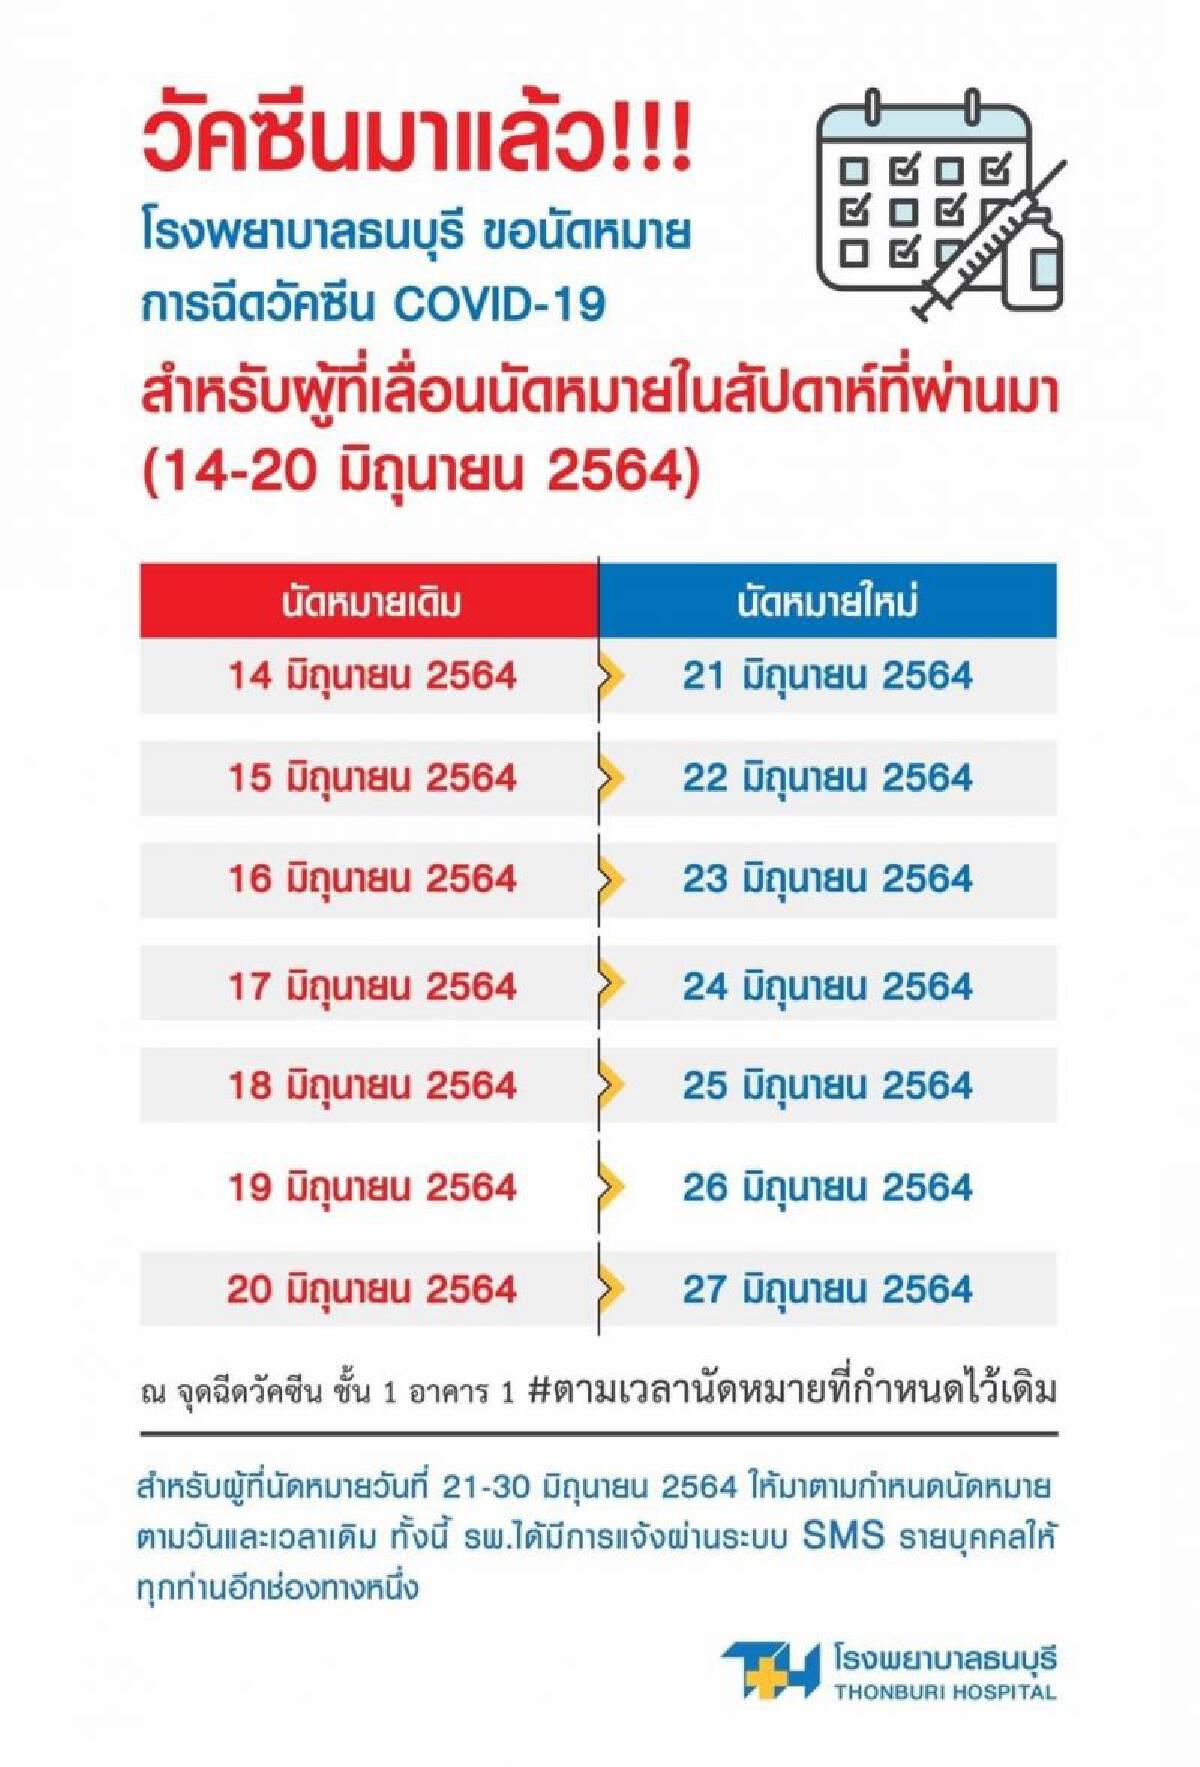 ร.พ.ธนบุรี พร้อมฉีดวัคซีนโควิด